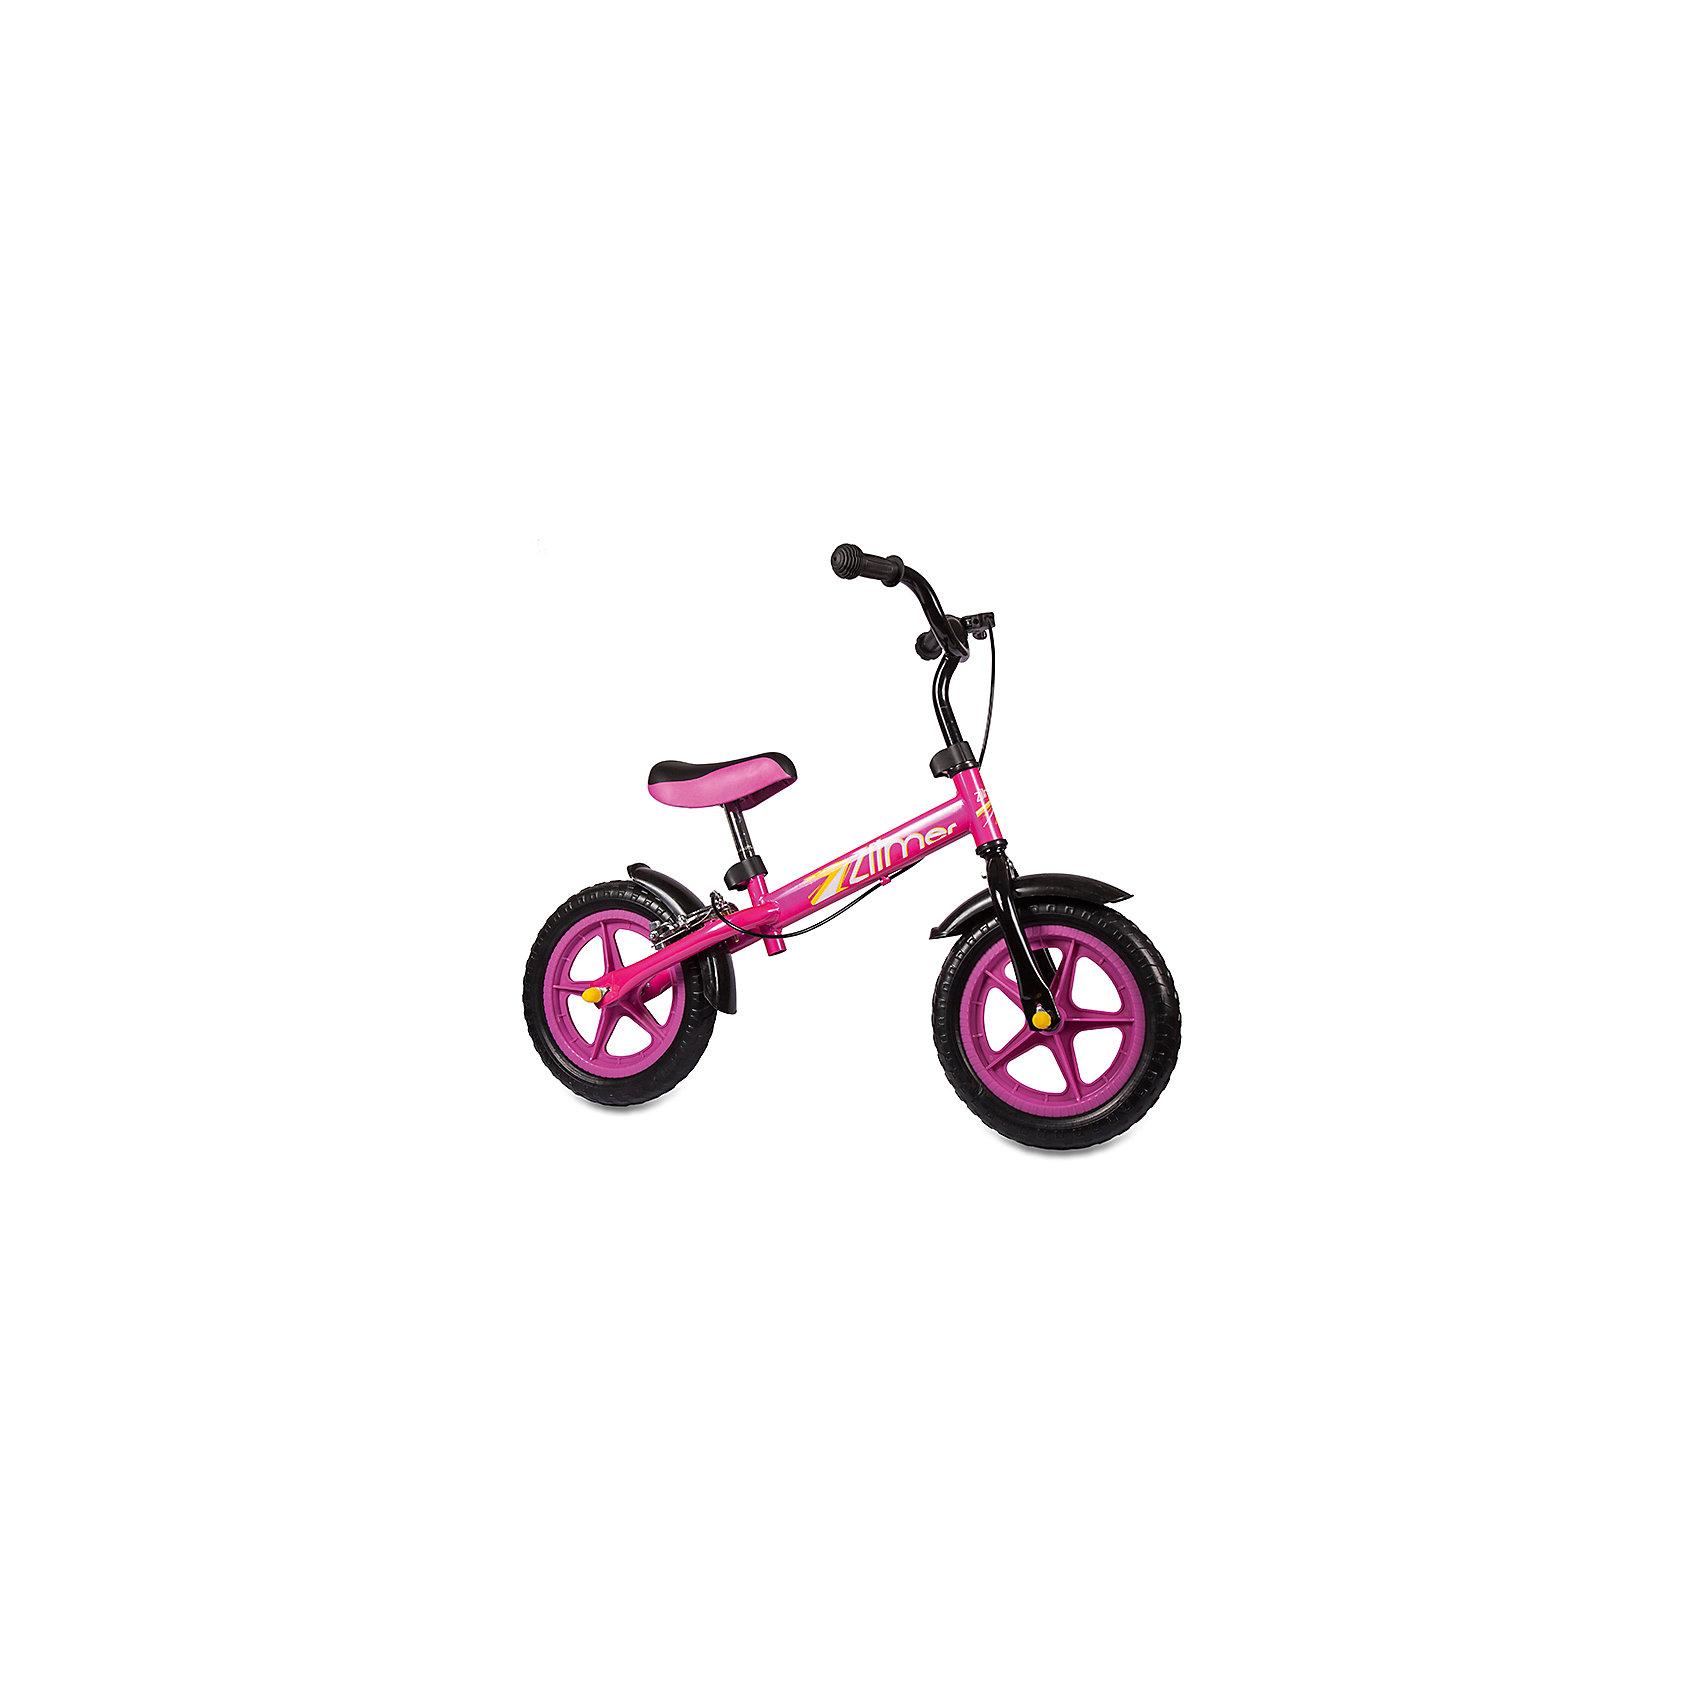 Беговел Голден Люкс, с ручным тормозом, розовый, ZilmerБеговелы<br>Характеристики товара:<br><br>• материал: металл<br>• цвет: розовый<br>• диаметр колес: 12<br>• материал колес: EVA<br>• удобный руль с мягкой накладкой<br>• безопасные ручки<br>• регулируемая рама<br>• надежные материалы<br>• ручной тормоз<br>• беговел растет с ребенком<br>• продуманная конструкция<br>• яркий цвет<br>• возраст: от 2 лет<br>• размер: 58x31x15 см<br>• вес: 2 кг<br>• страна производства: Китай<br><br>Подарить малышу такой беговел - значит, помочь развитию ребенка. Он способствует скорейшему развитию способности ориентироваться в пространстве, умению держать равновесие, развивает логику, мышление и ловкость. Помимо этого, кататься на нём - очень увлекательное занятие!<br><br>Беговел разработан специально для малышей, которым еще рано осваивать велосипед. Он чем-то похож на самокат: нужно отталкиваться от пола ногами, педалей нет. С помощью ручек малыши легко удержат равновесие. Данная модель выполнена в ярком дизайне, отличается продуманной конструкцией и деталями, которые обеспечивают безопасность ребенка. Отличный подарок для активного малыша!<br><br>Беговел Голден Люкс, с ручным тормозом, розовый, от бренда Zilmer можно купить в нашем интернет-магазине.<br><br>Ширина мм: 580<br>Глубина мм: 150<br>Высота мм: 310<br>Вес г: 4300<br>Возраст от месяцев: 12<br>Возраст до месяцев: 36<br>Пол: Женский<br>Возраст: Детский<br>SKU: 5478506